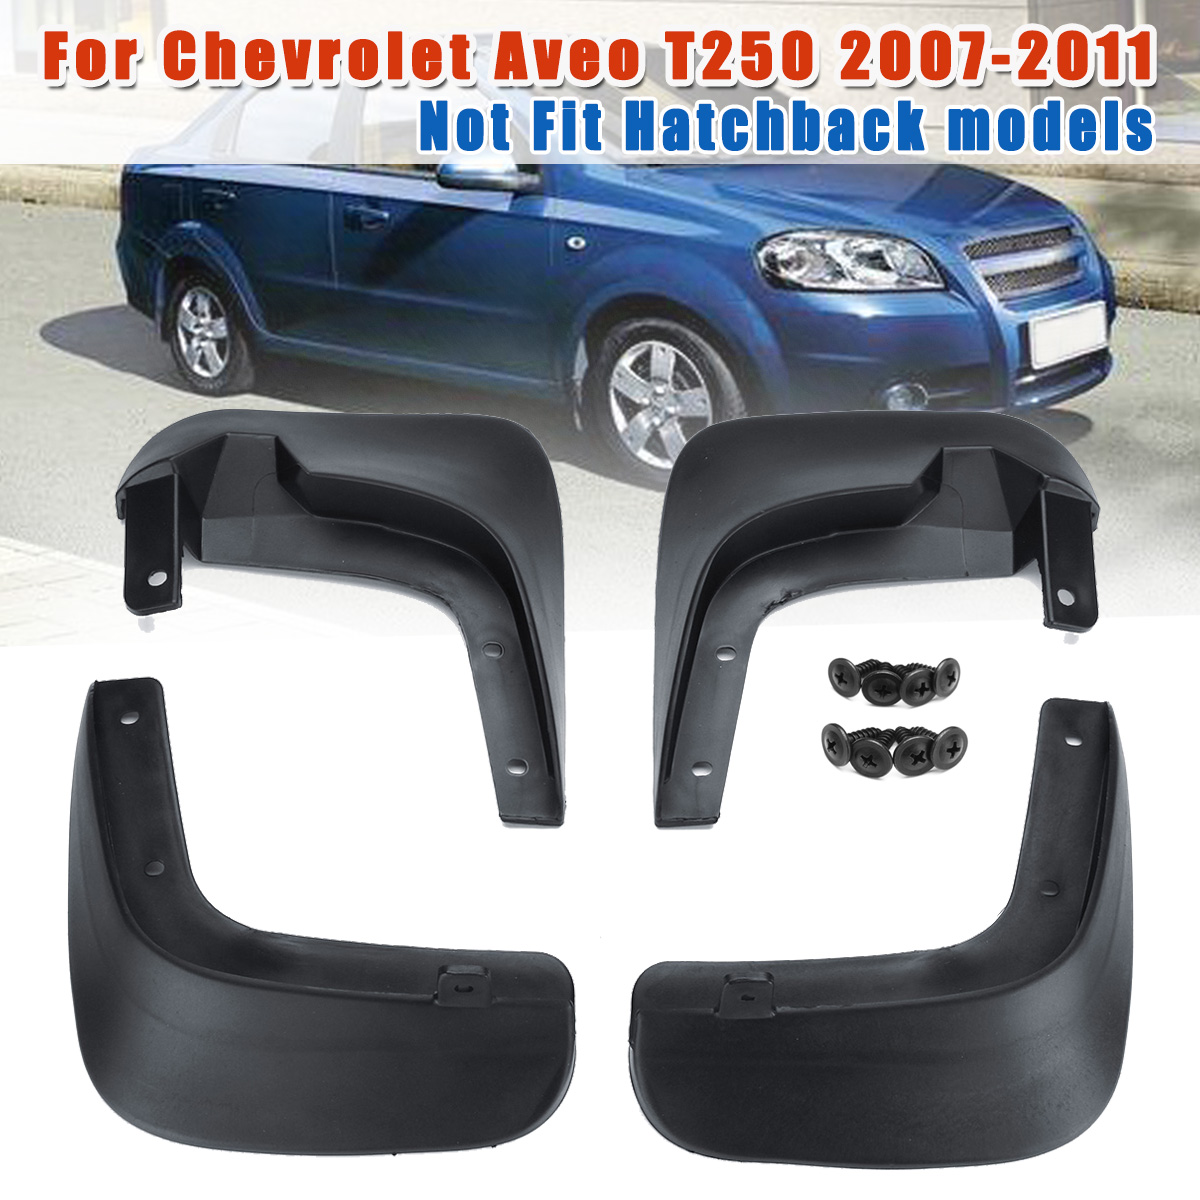 Chevrolet aveo t250 2007 2008 2009 2010 2011 자동차 머드 플랩 프론트 리어 펜더 플레어 오토 머드 플랩 머드 가드 스플래쉬 가드